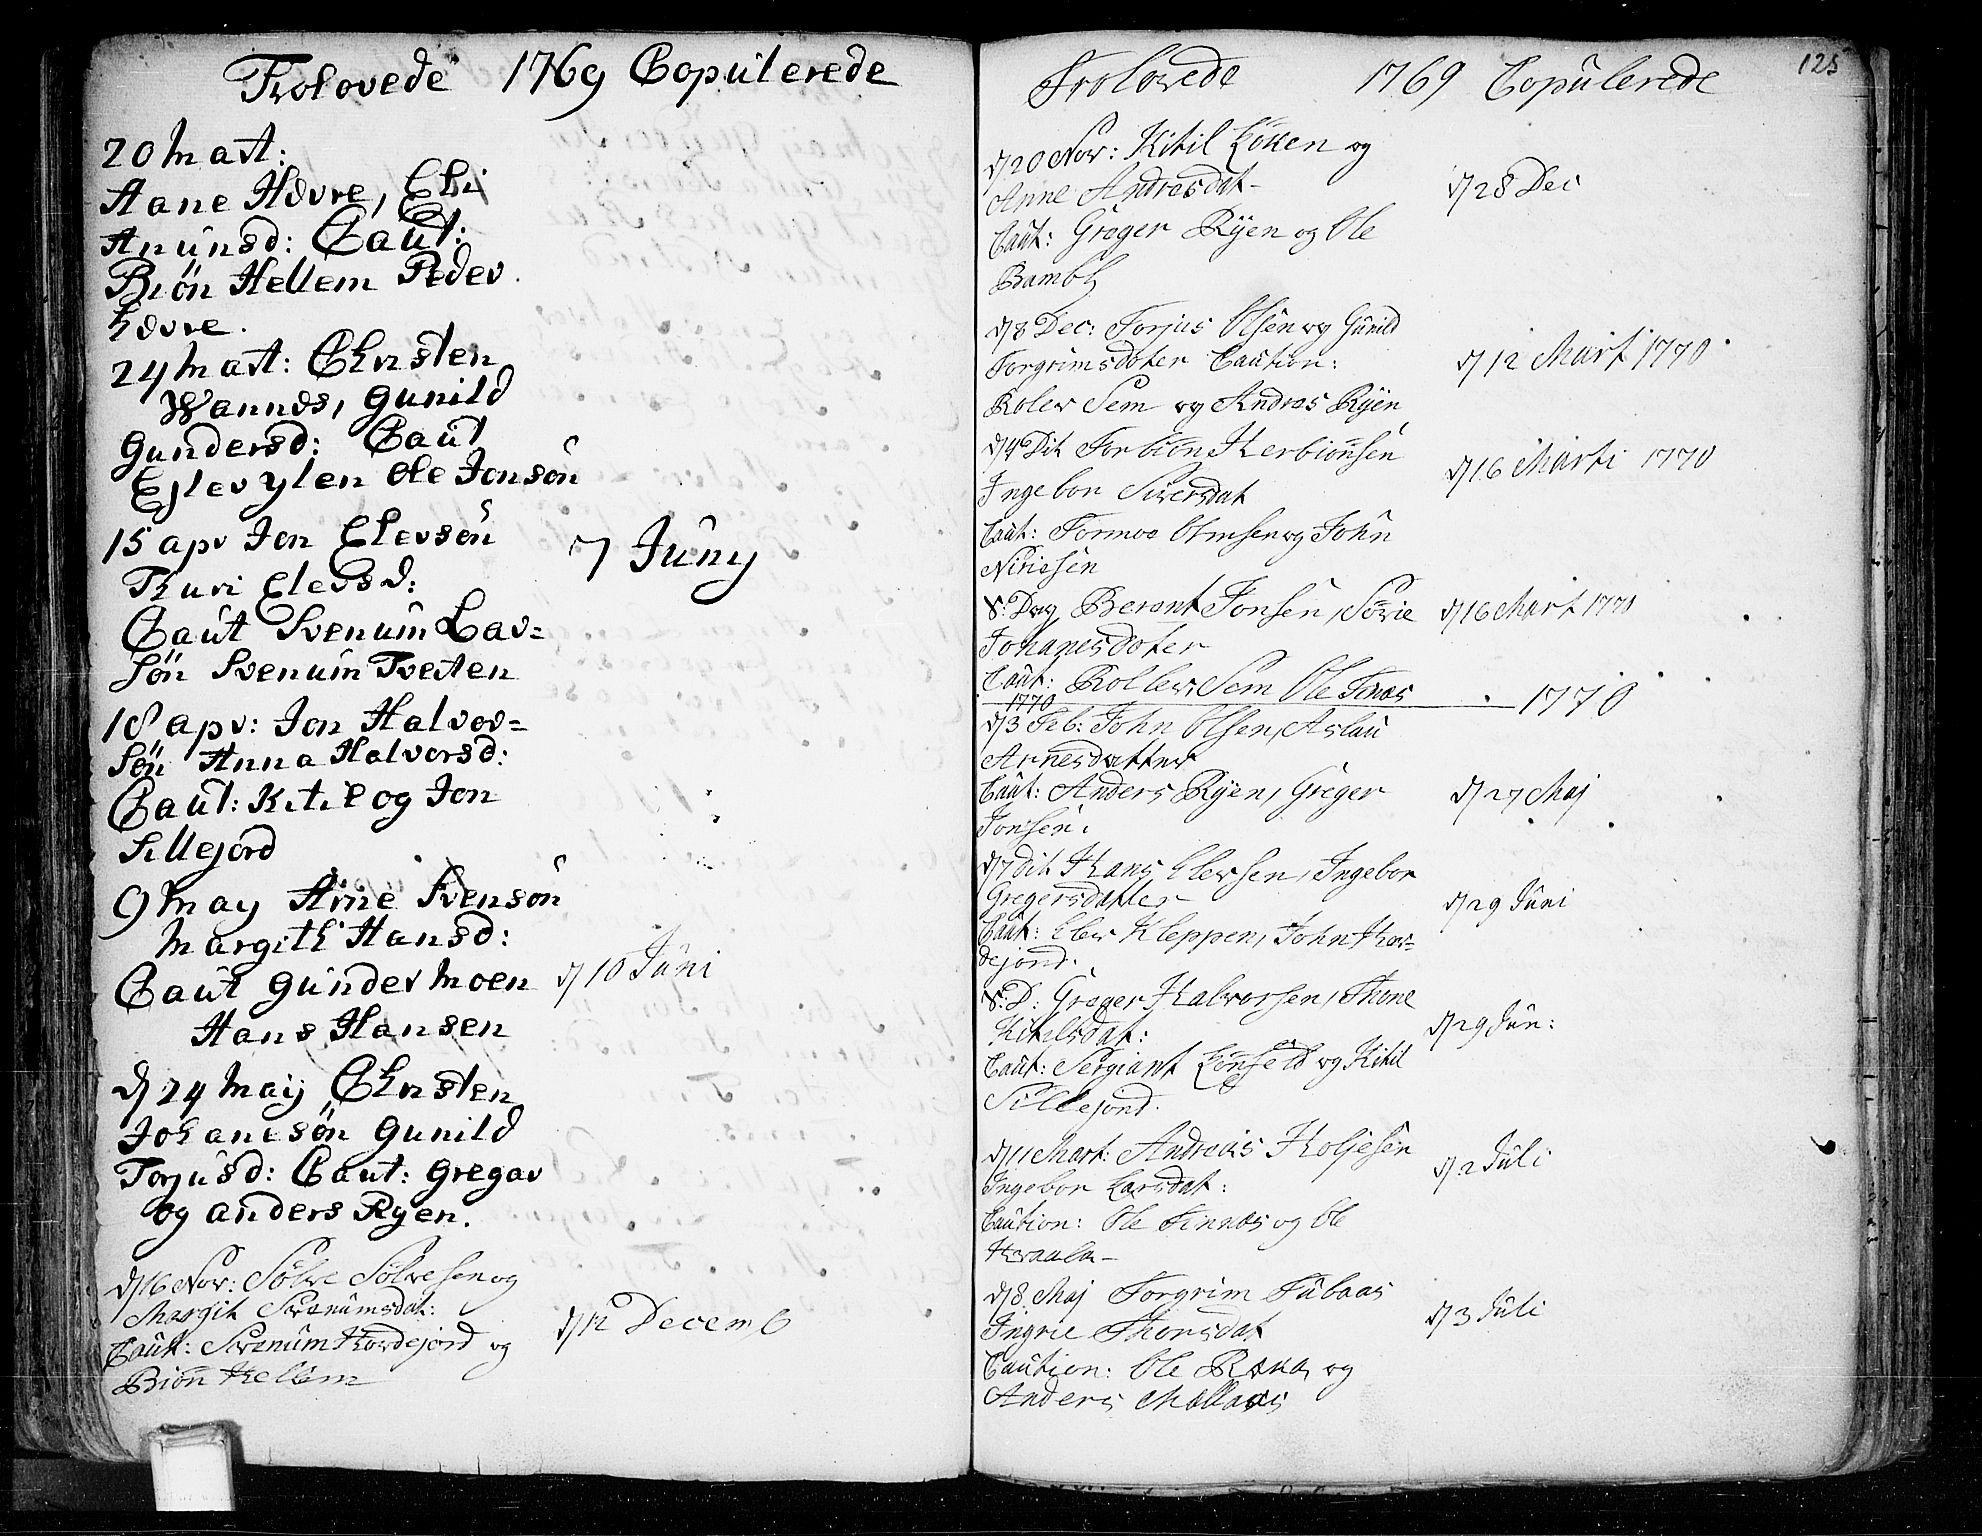 SAKO, Heddal kirkebøker, F/Fa/L0003: Ministerialbok nr. I 3, 1723-1783, s. 125